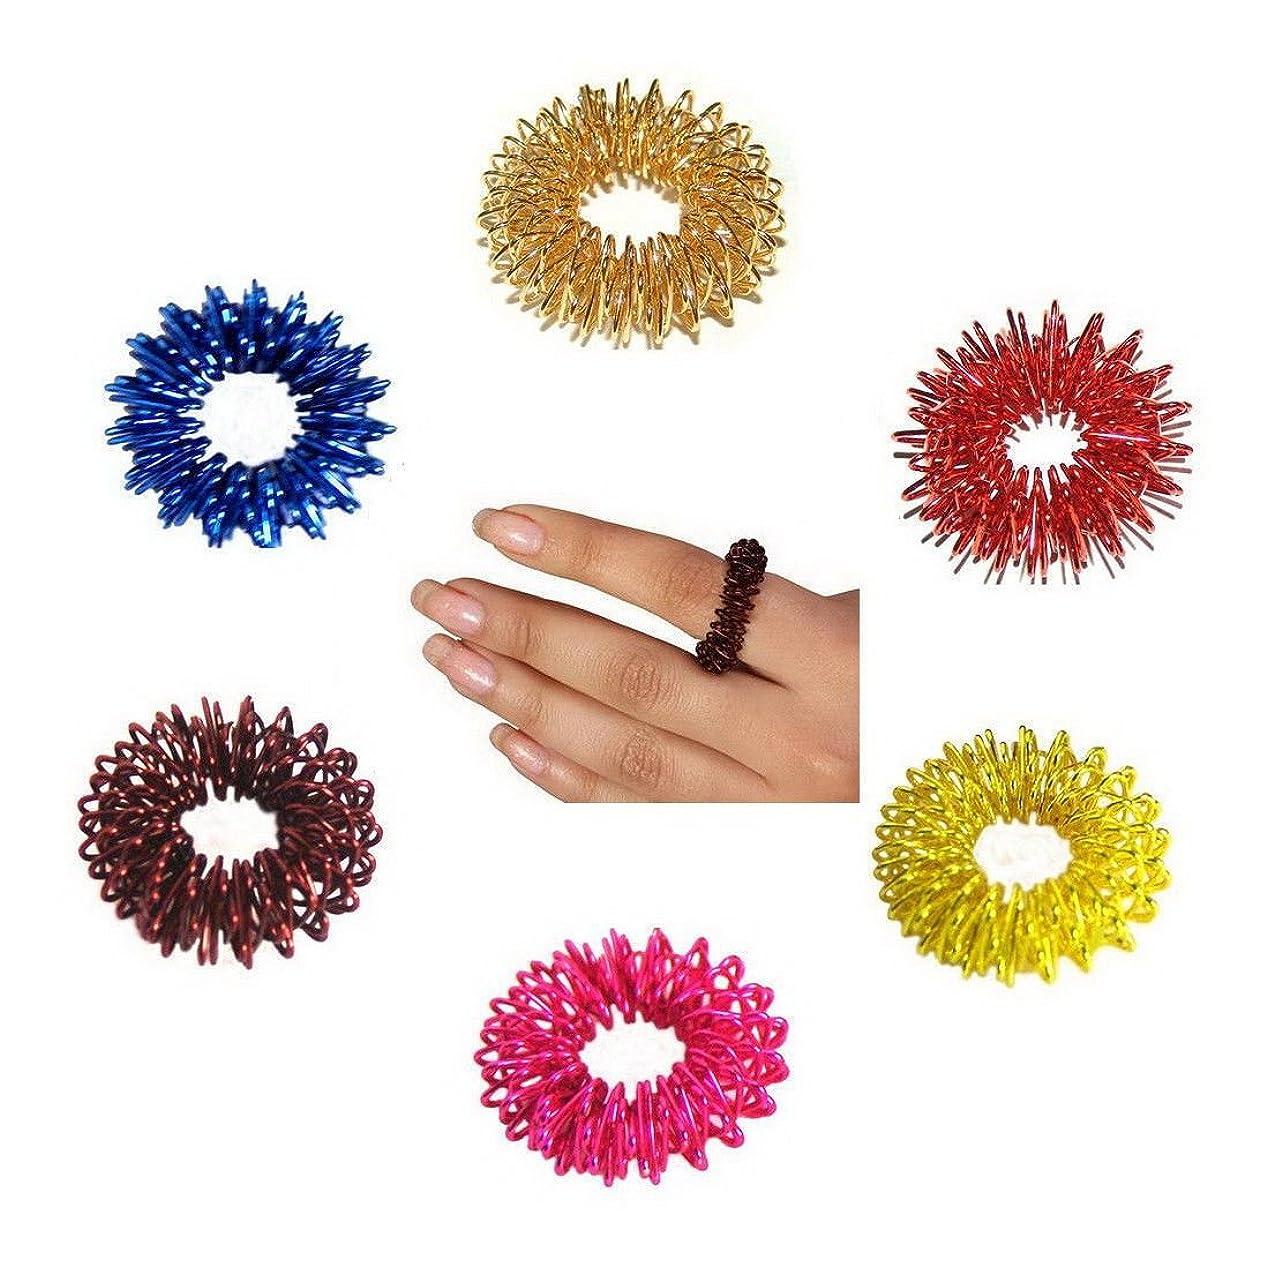 借りている借りている依存Buycrafty 10 Pcs Acupressure Rings Massage Ring Massager relaxology, BEST High Density Deep Tissue Acupressure